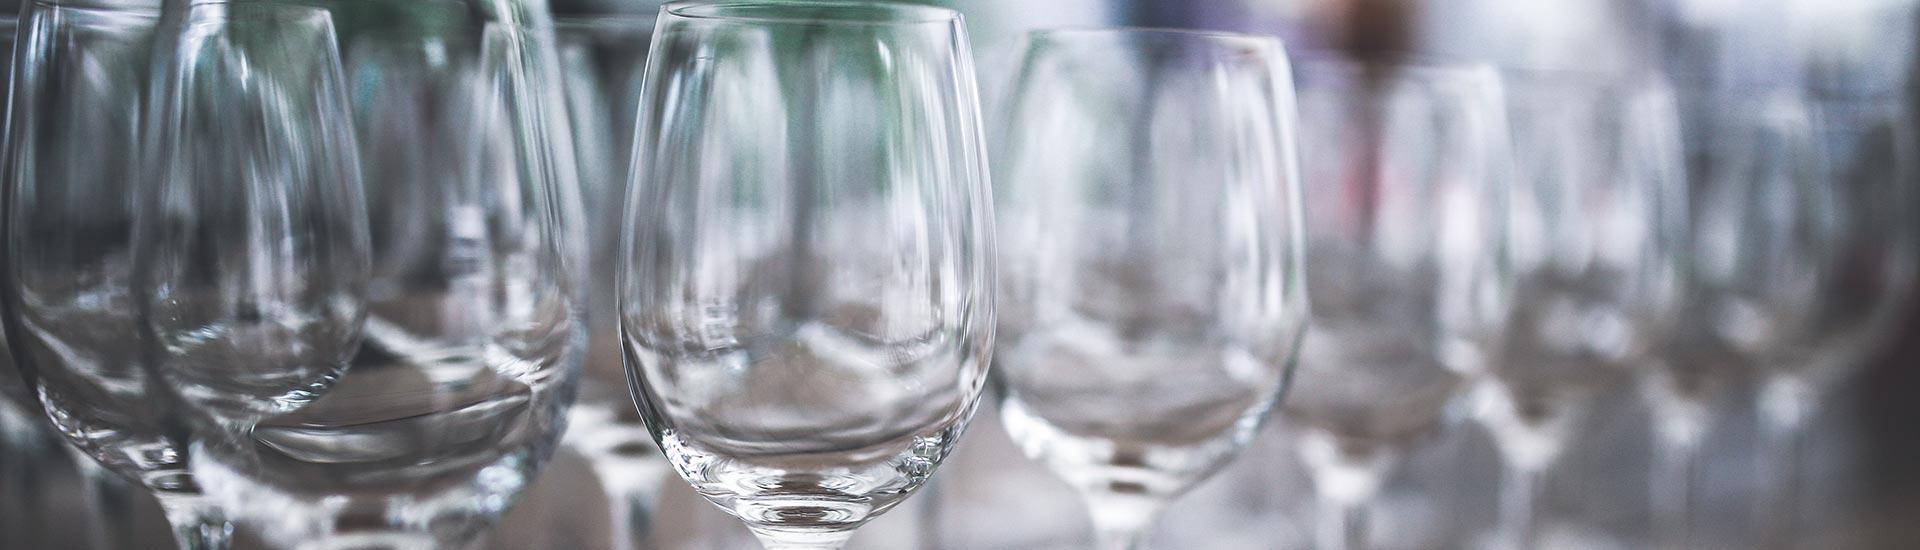 היין כרם צימבליסטה